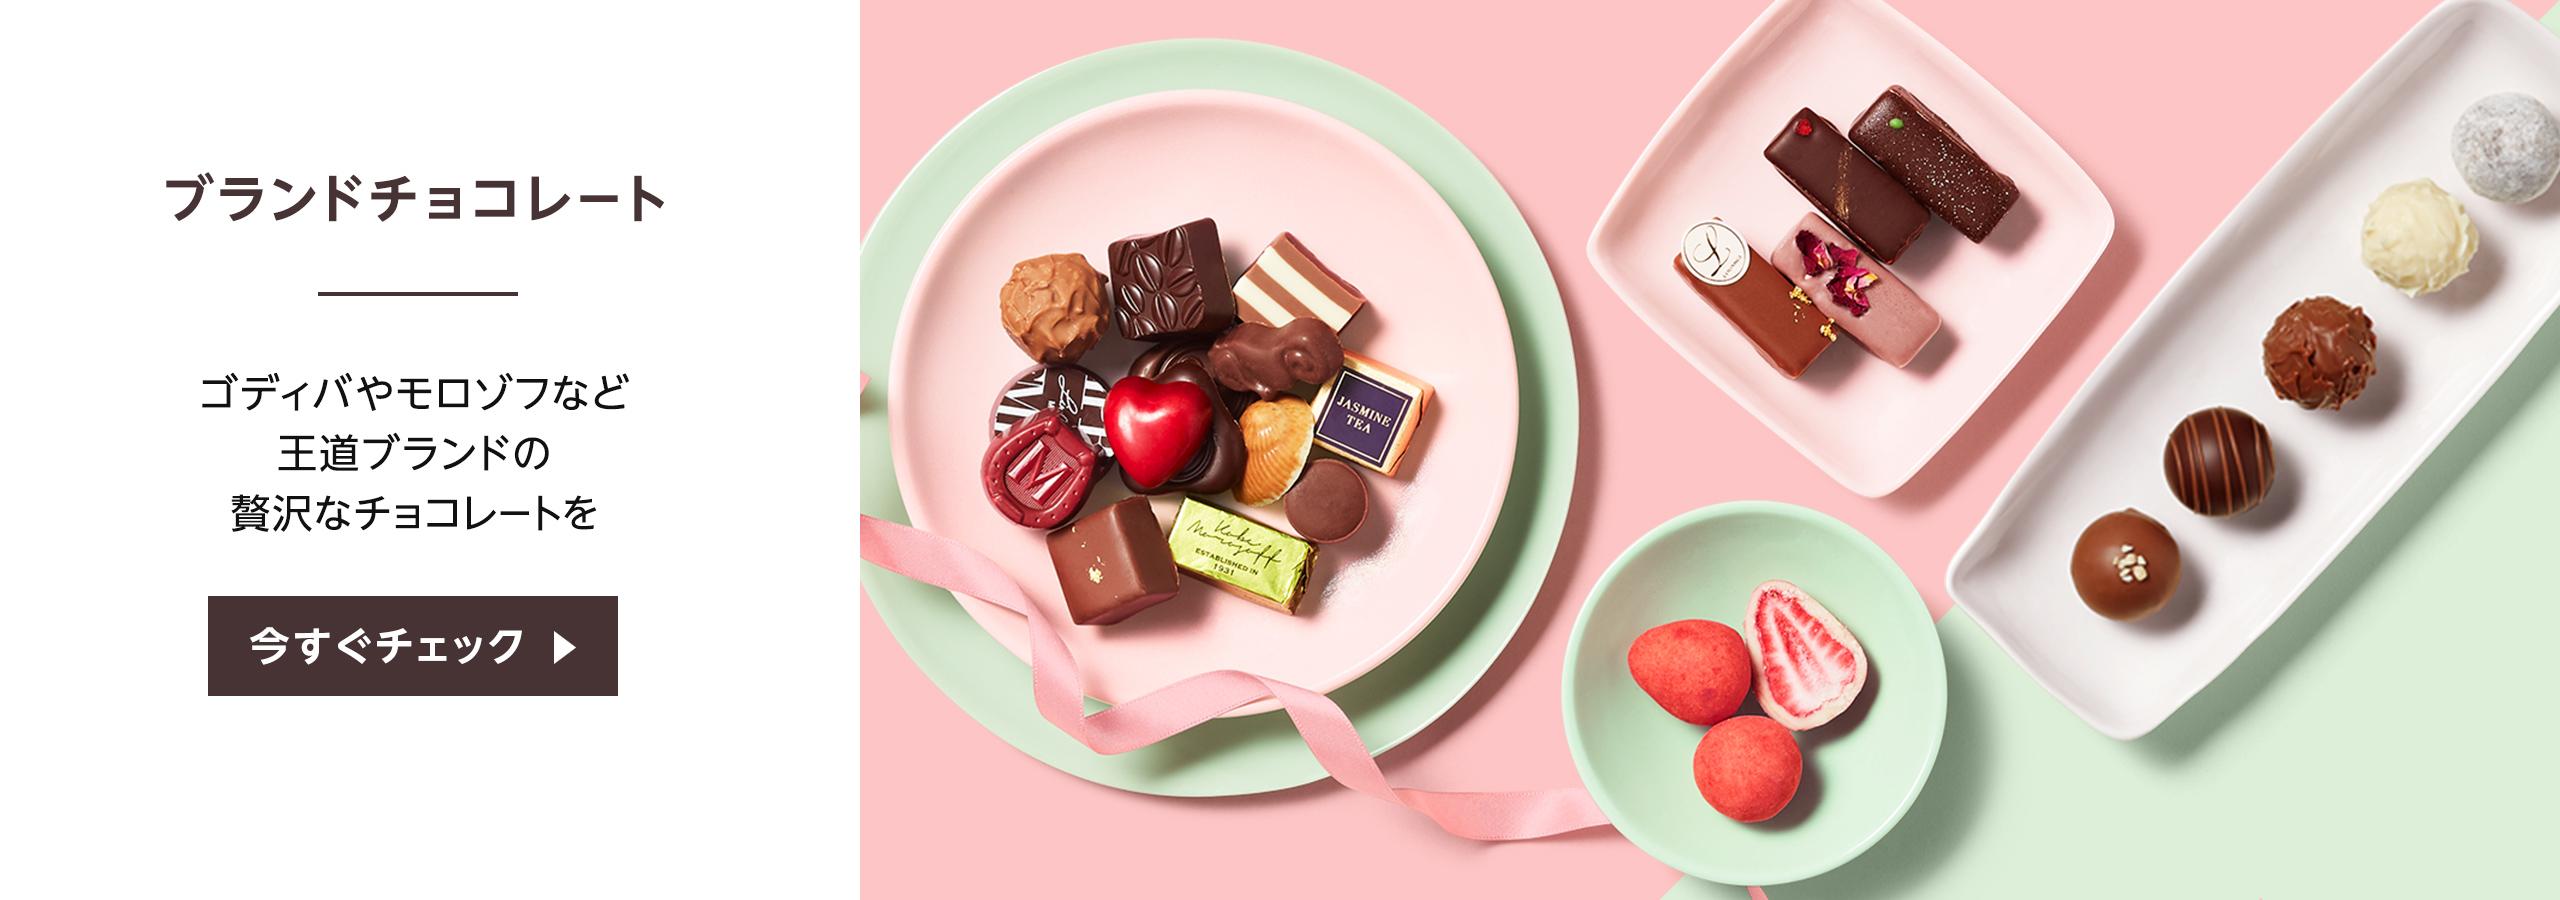 ゴディバ・モロゾフ・リンツなどの王道ブランドの贅沢なチョコレートをはじめ、資生堂パーラーやゴンチャロフなど自分へのご褒美チョコにもぴったりな商品まで豊富に取りそろえ